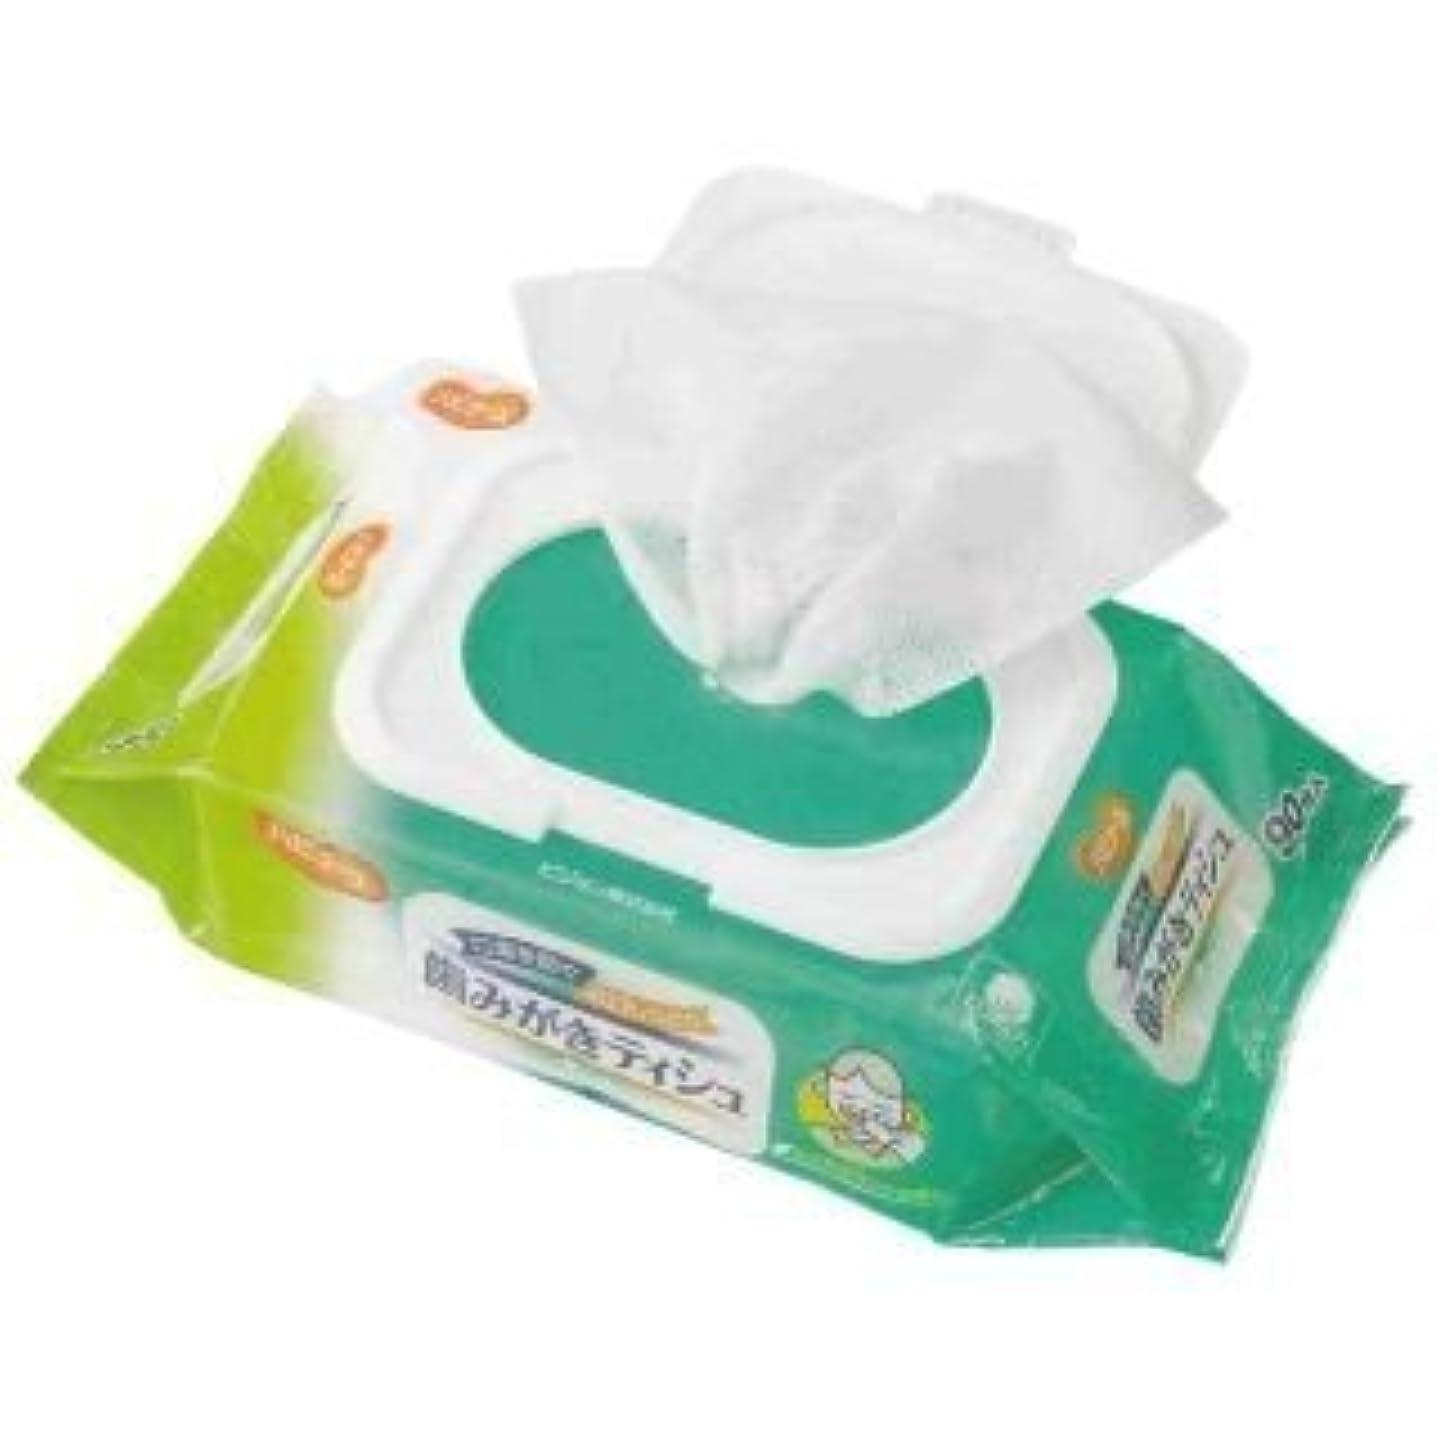 普遍的なバンケット受け皿口臭を防ぐ&お口しっとり!ふきとりやすいコットンメッシュシート!お口が乾燥して、お口の臭いが気になるときに!歯みがきティシュ 90枚入【3個セット】